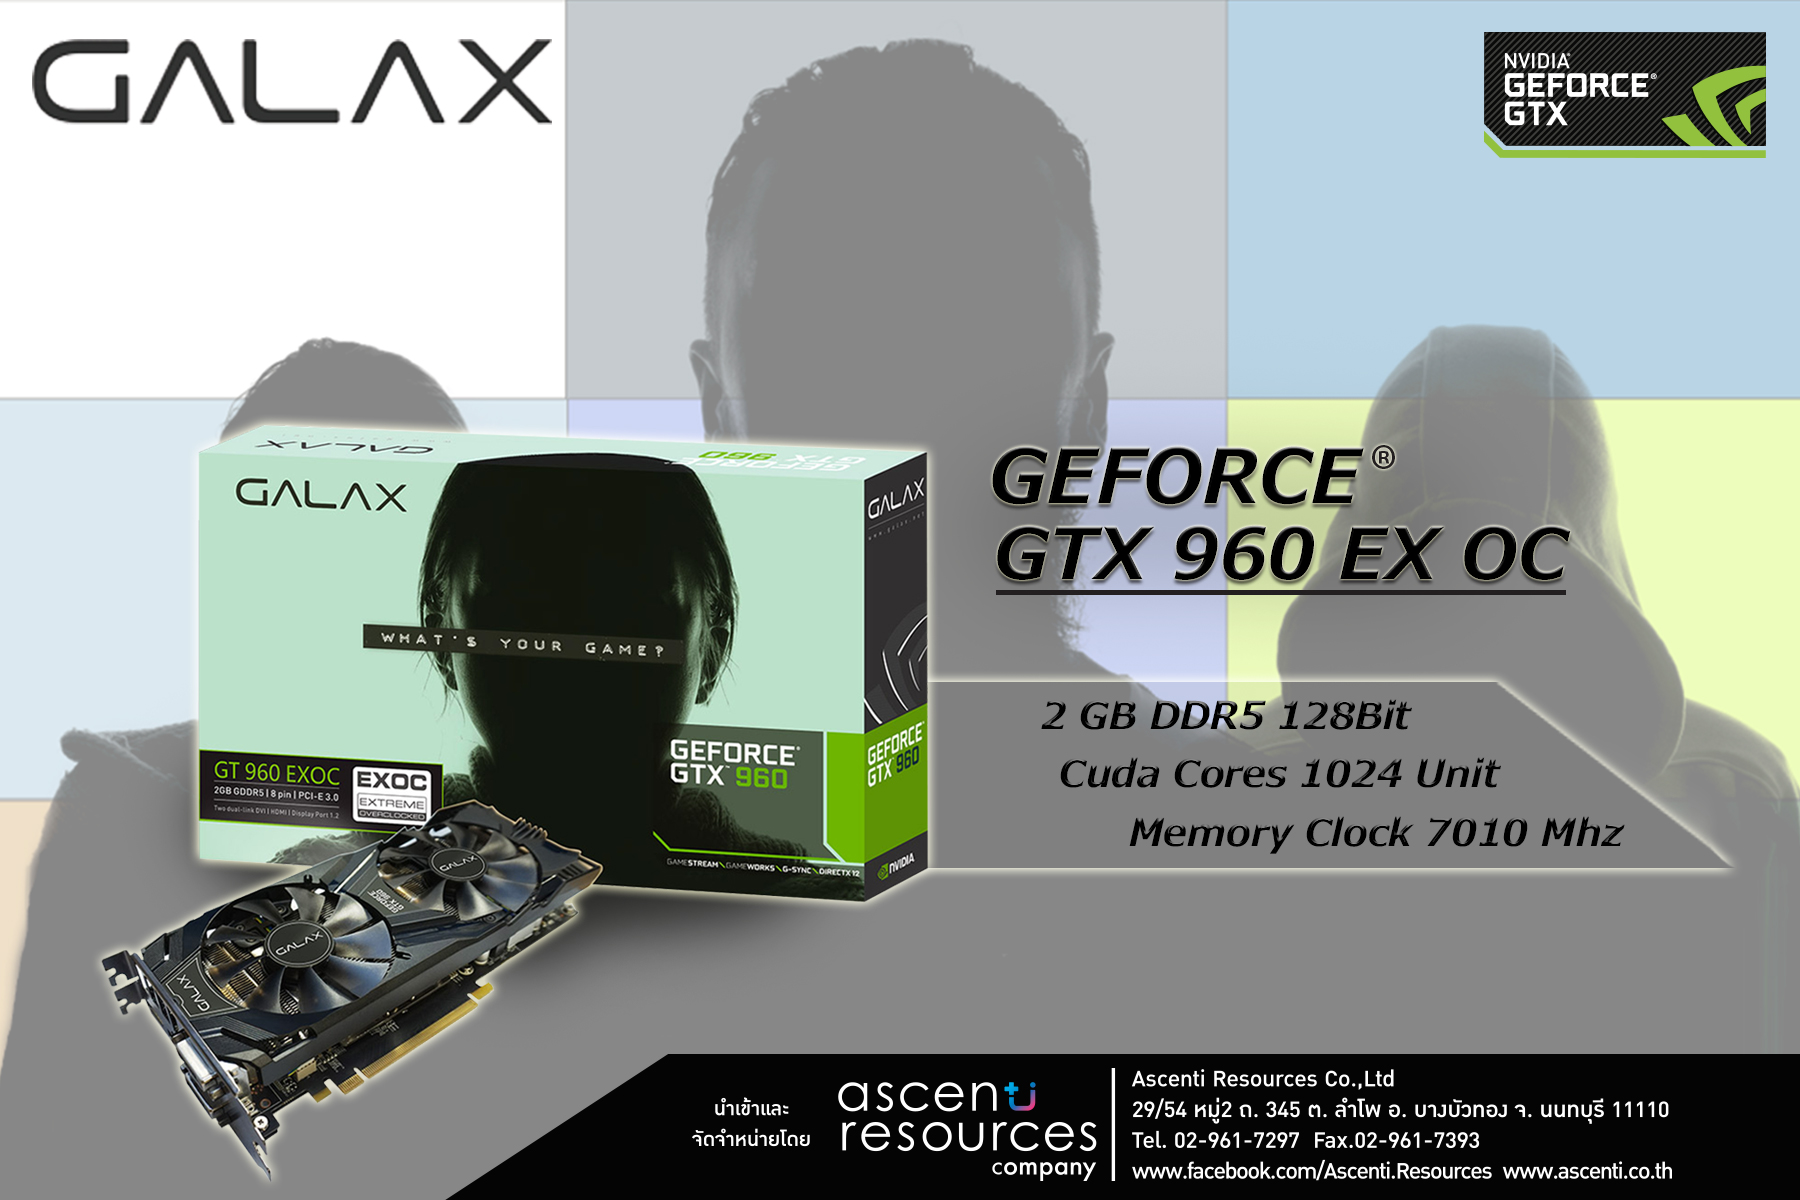 Galax GTX 960 EXOC